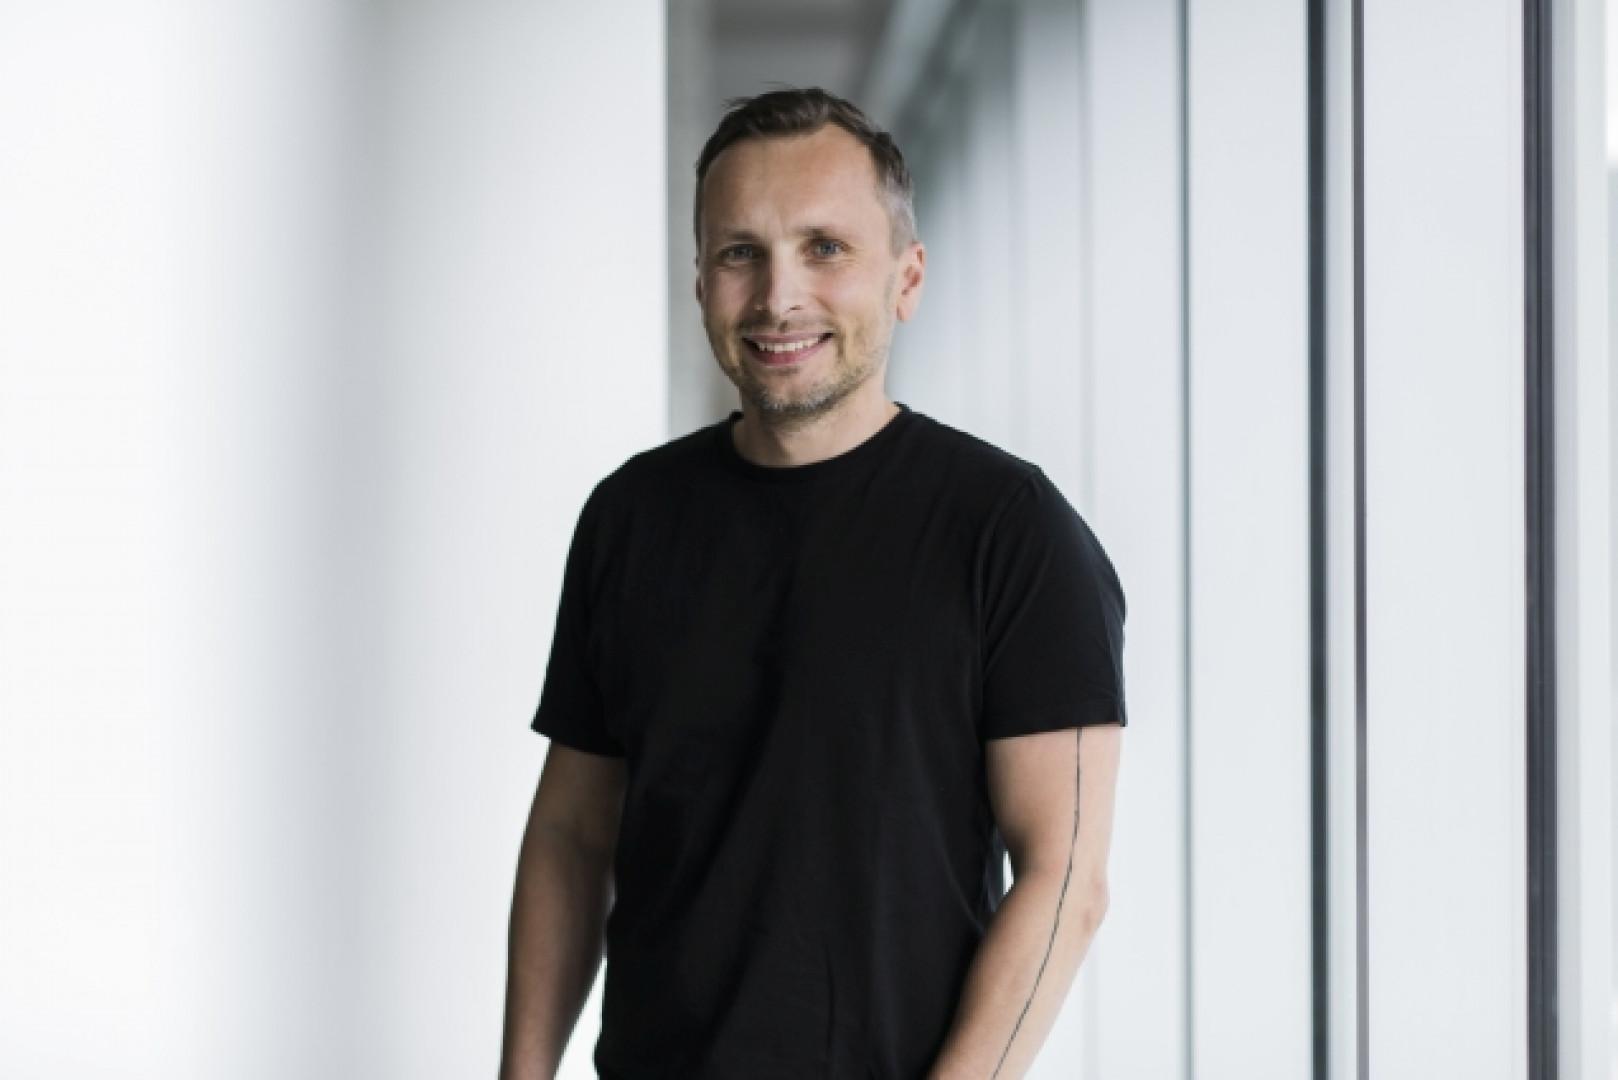 Pavel Voparil